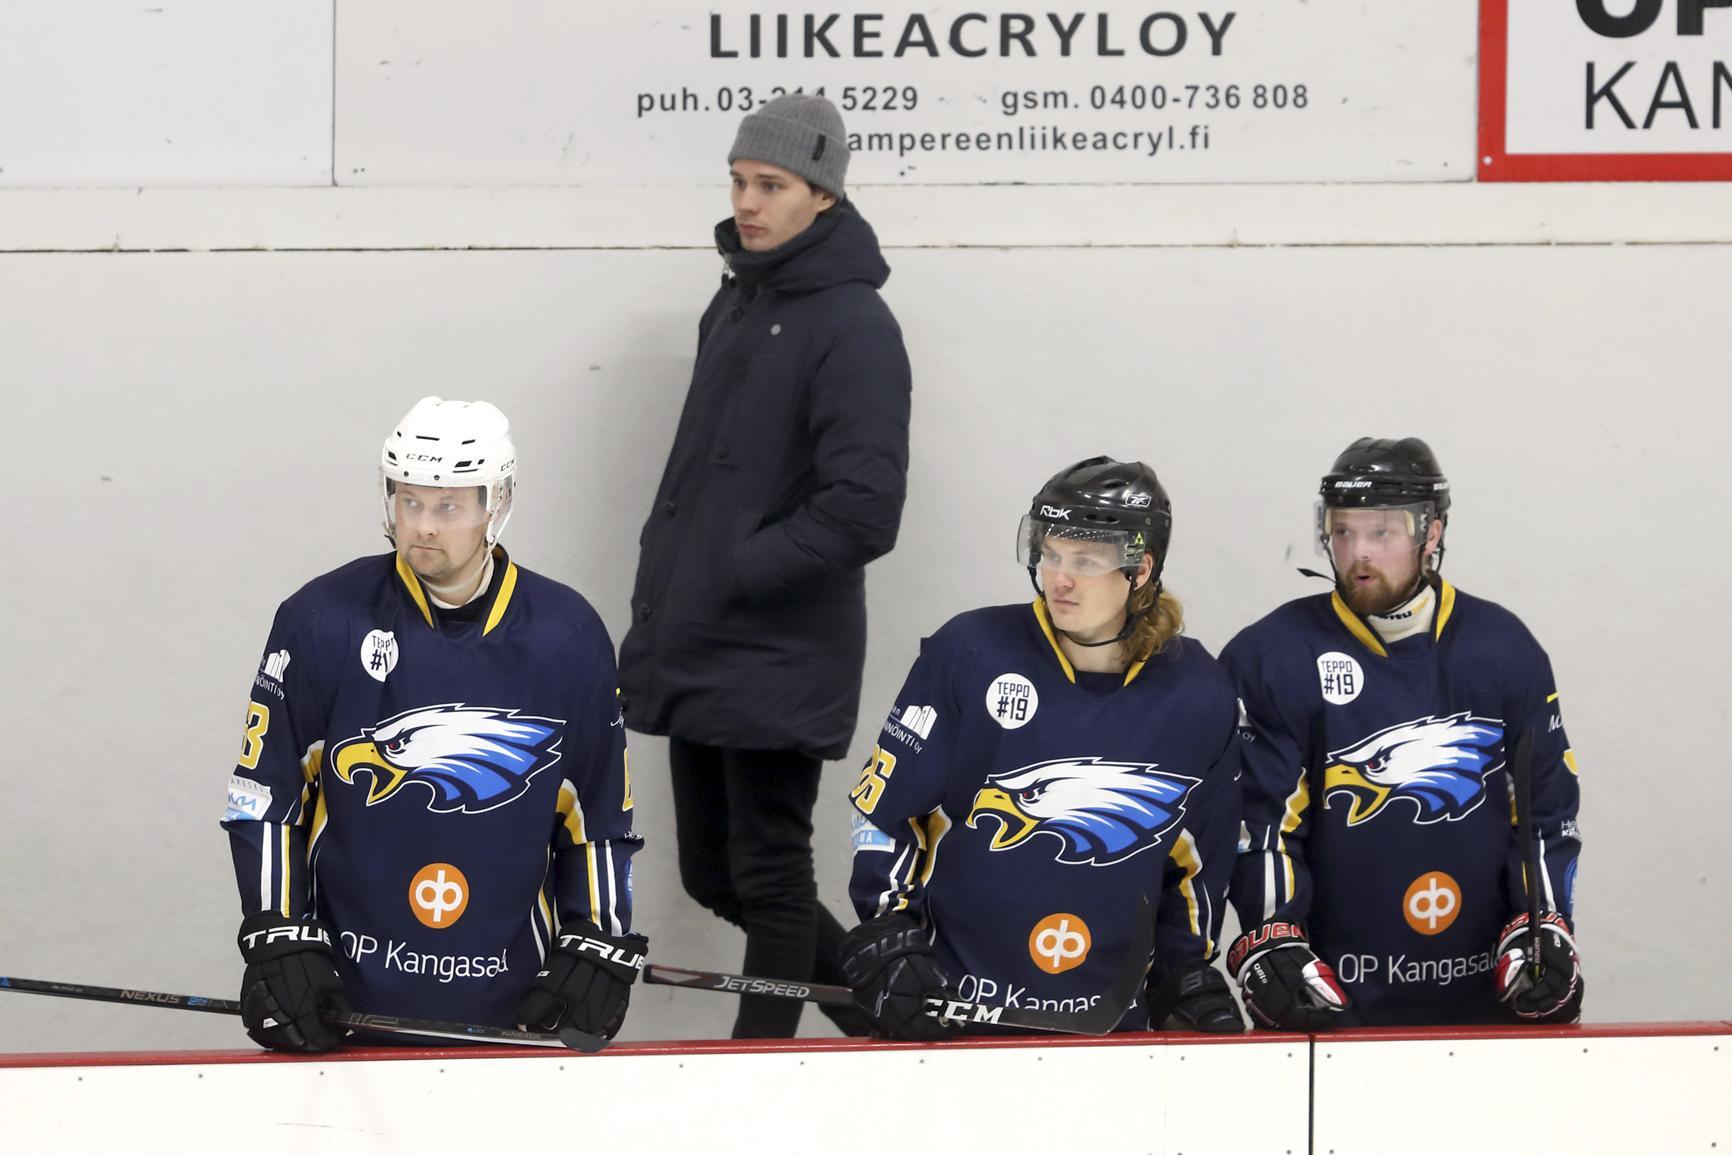 Eaglesin edustusjoukkueen kiekkoilijoilla on pitkä kesäloma, kun sarjakausi lopetettiin jo helmikuun puolivälissä. Kuvassa siviilit yllä Eagles-kapteeni Jerry Markkula, ja eturivissä Lauri Pelkonen, Teemu Kraneis sekä Janne Jaakola.